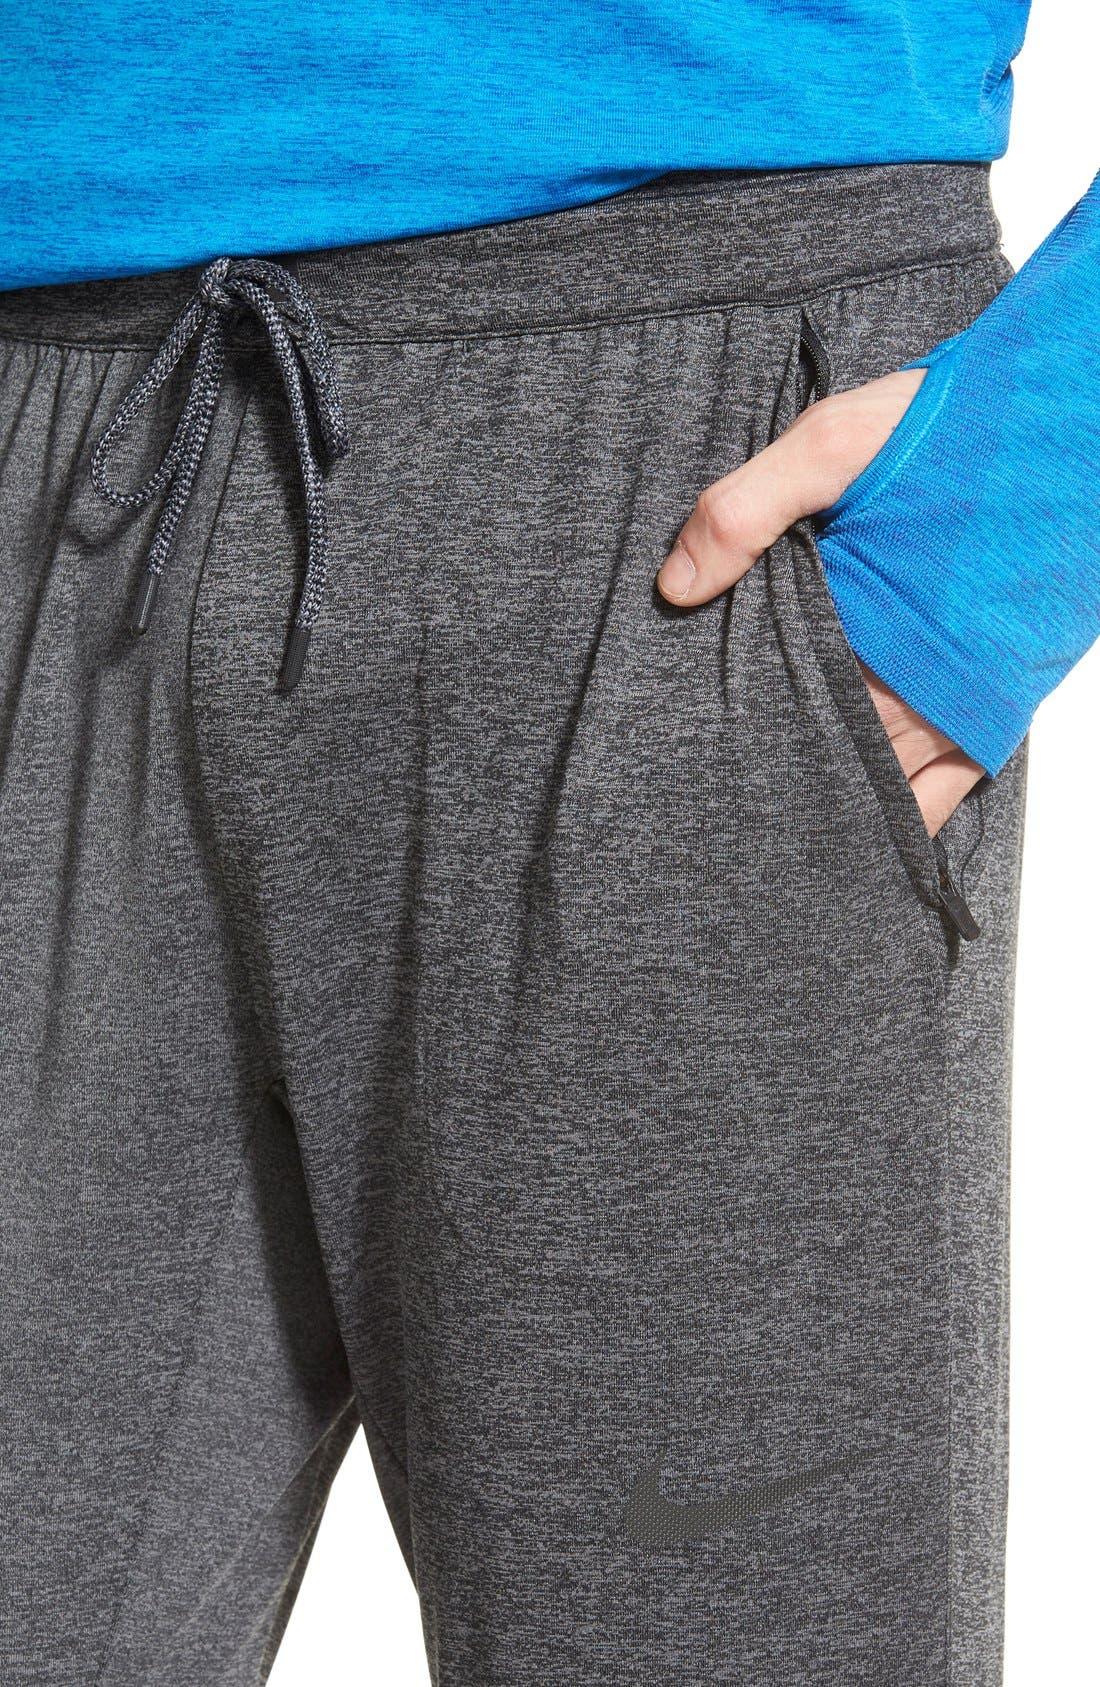 NIKE,                             'Ultimate Dry Knit' Dri-FIT Training Pants,                             Alternate thumbnail 2, color,                             010